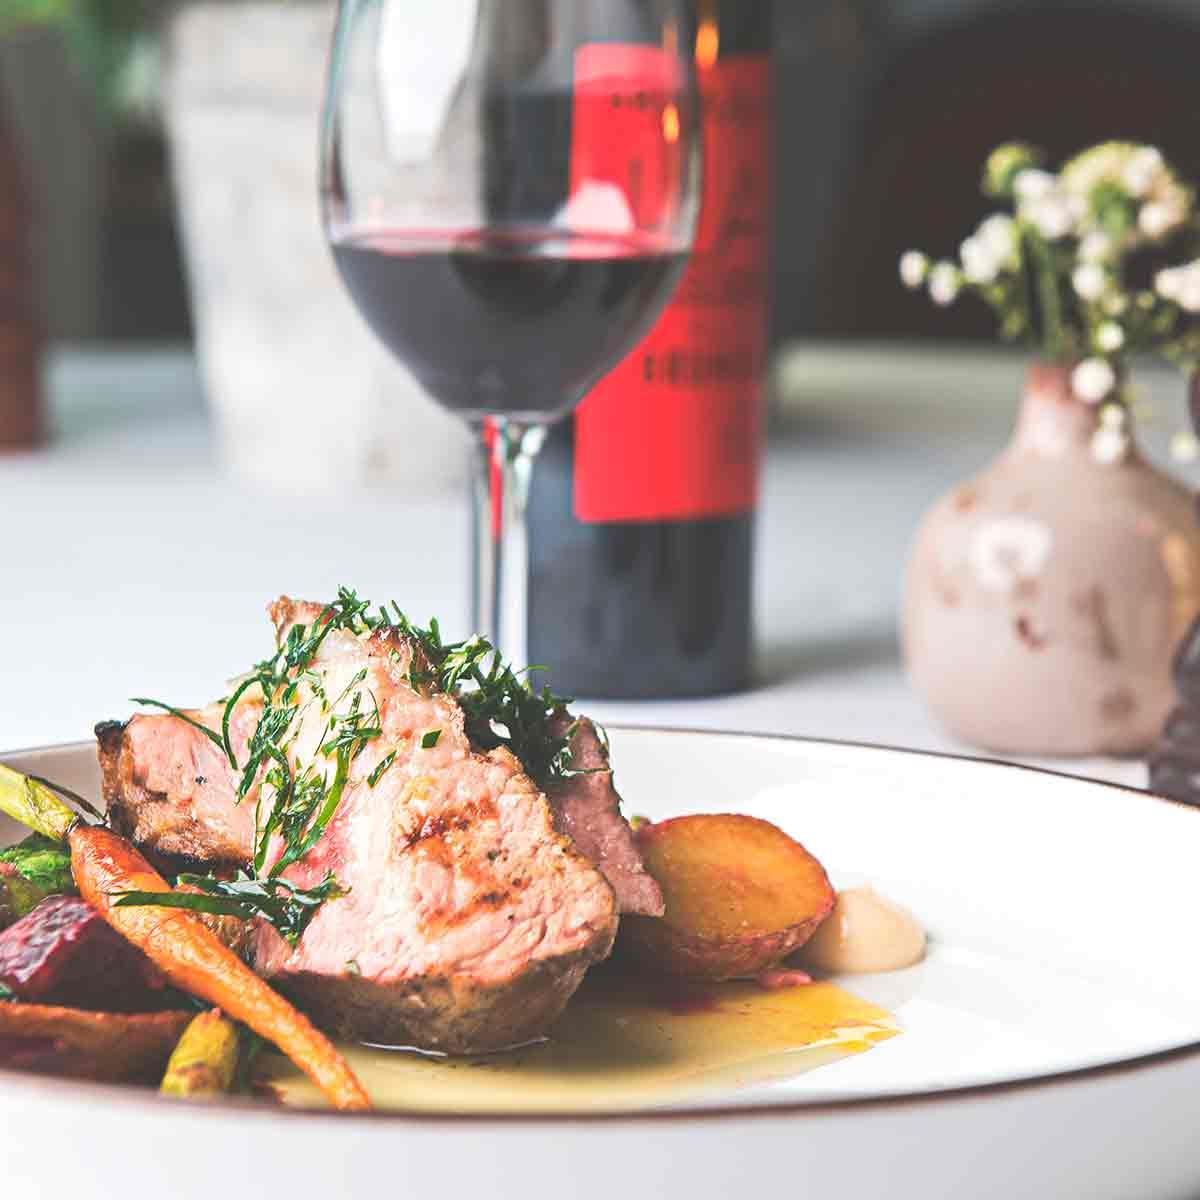 Vi på Falkenberg Strandbad tycker att varje konferens bör kompletteras med en god middag